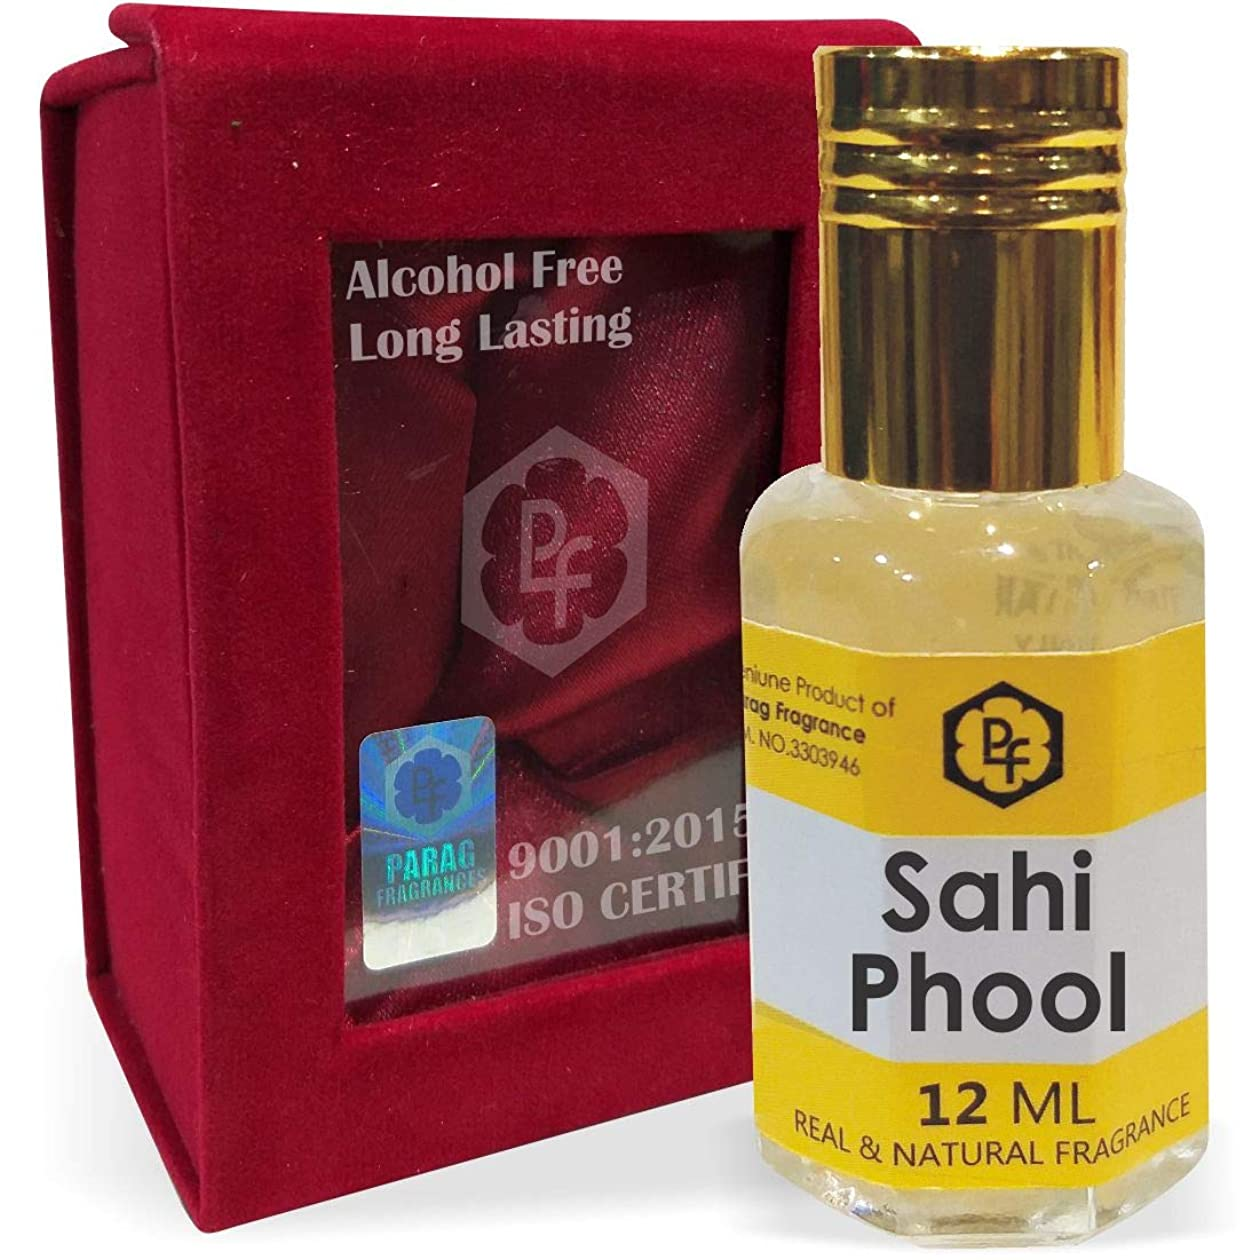 煙枯渇フィルタ手作りのベルベットボックスParagフレグランスSahi Phool 12ミリリットルアター/香油/(インドの伝統的なBhapka処理方法により、インド製)フレグランスオイル アターITRA最高の品質長持ち